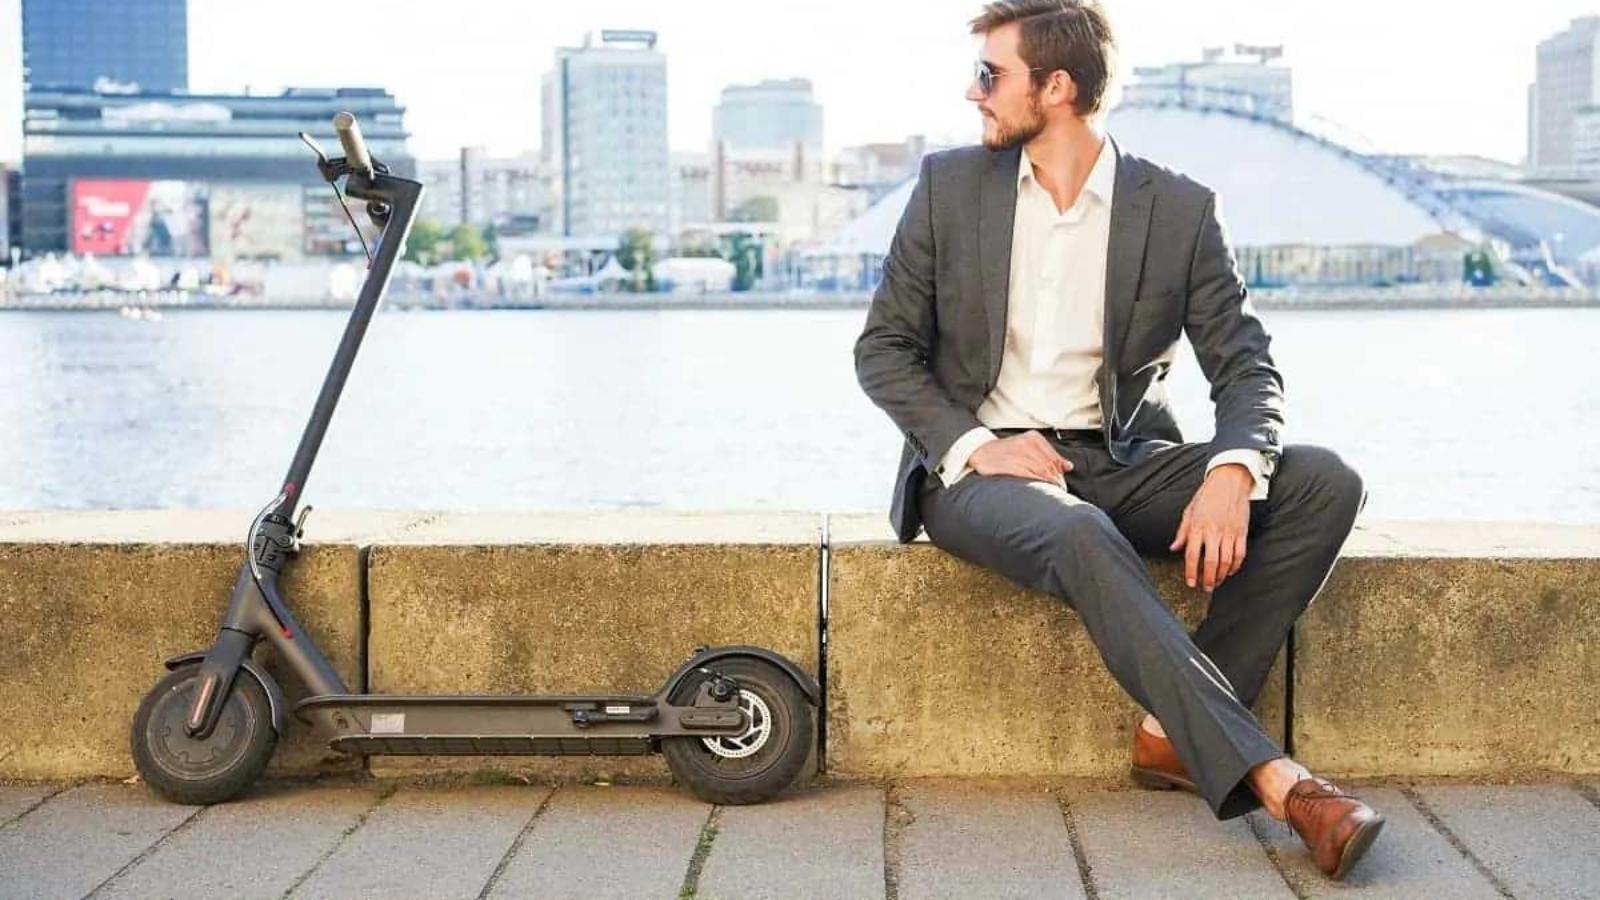 راهنما خرید اسکوتر برقی